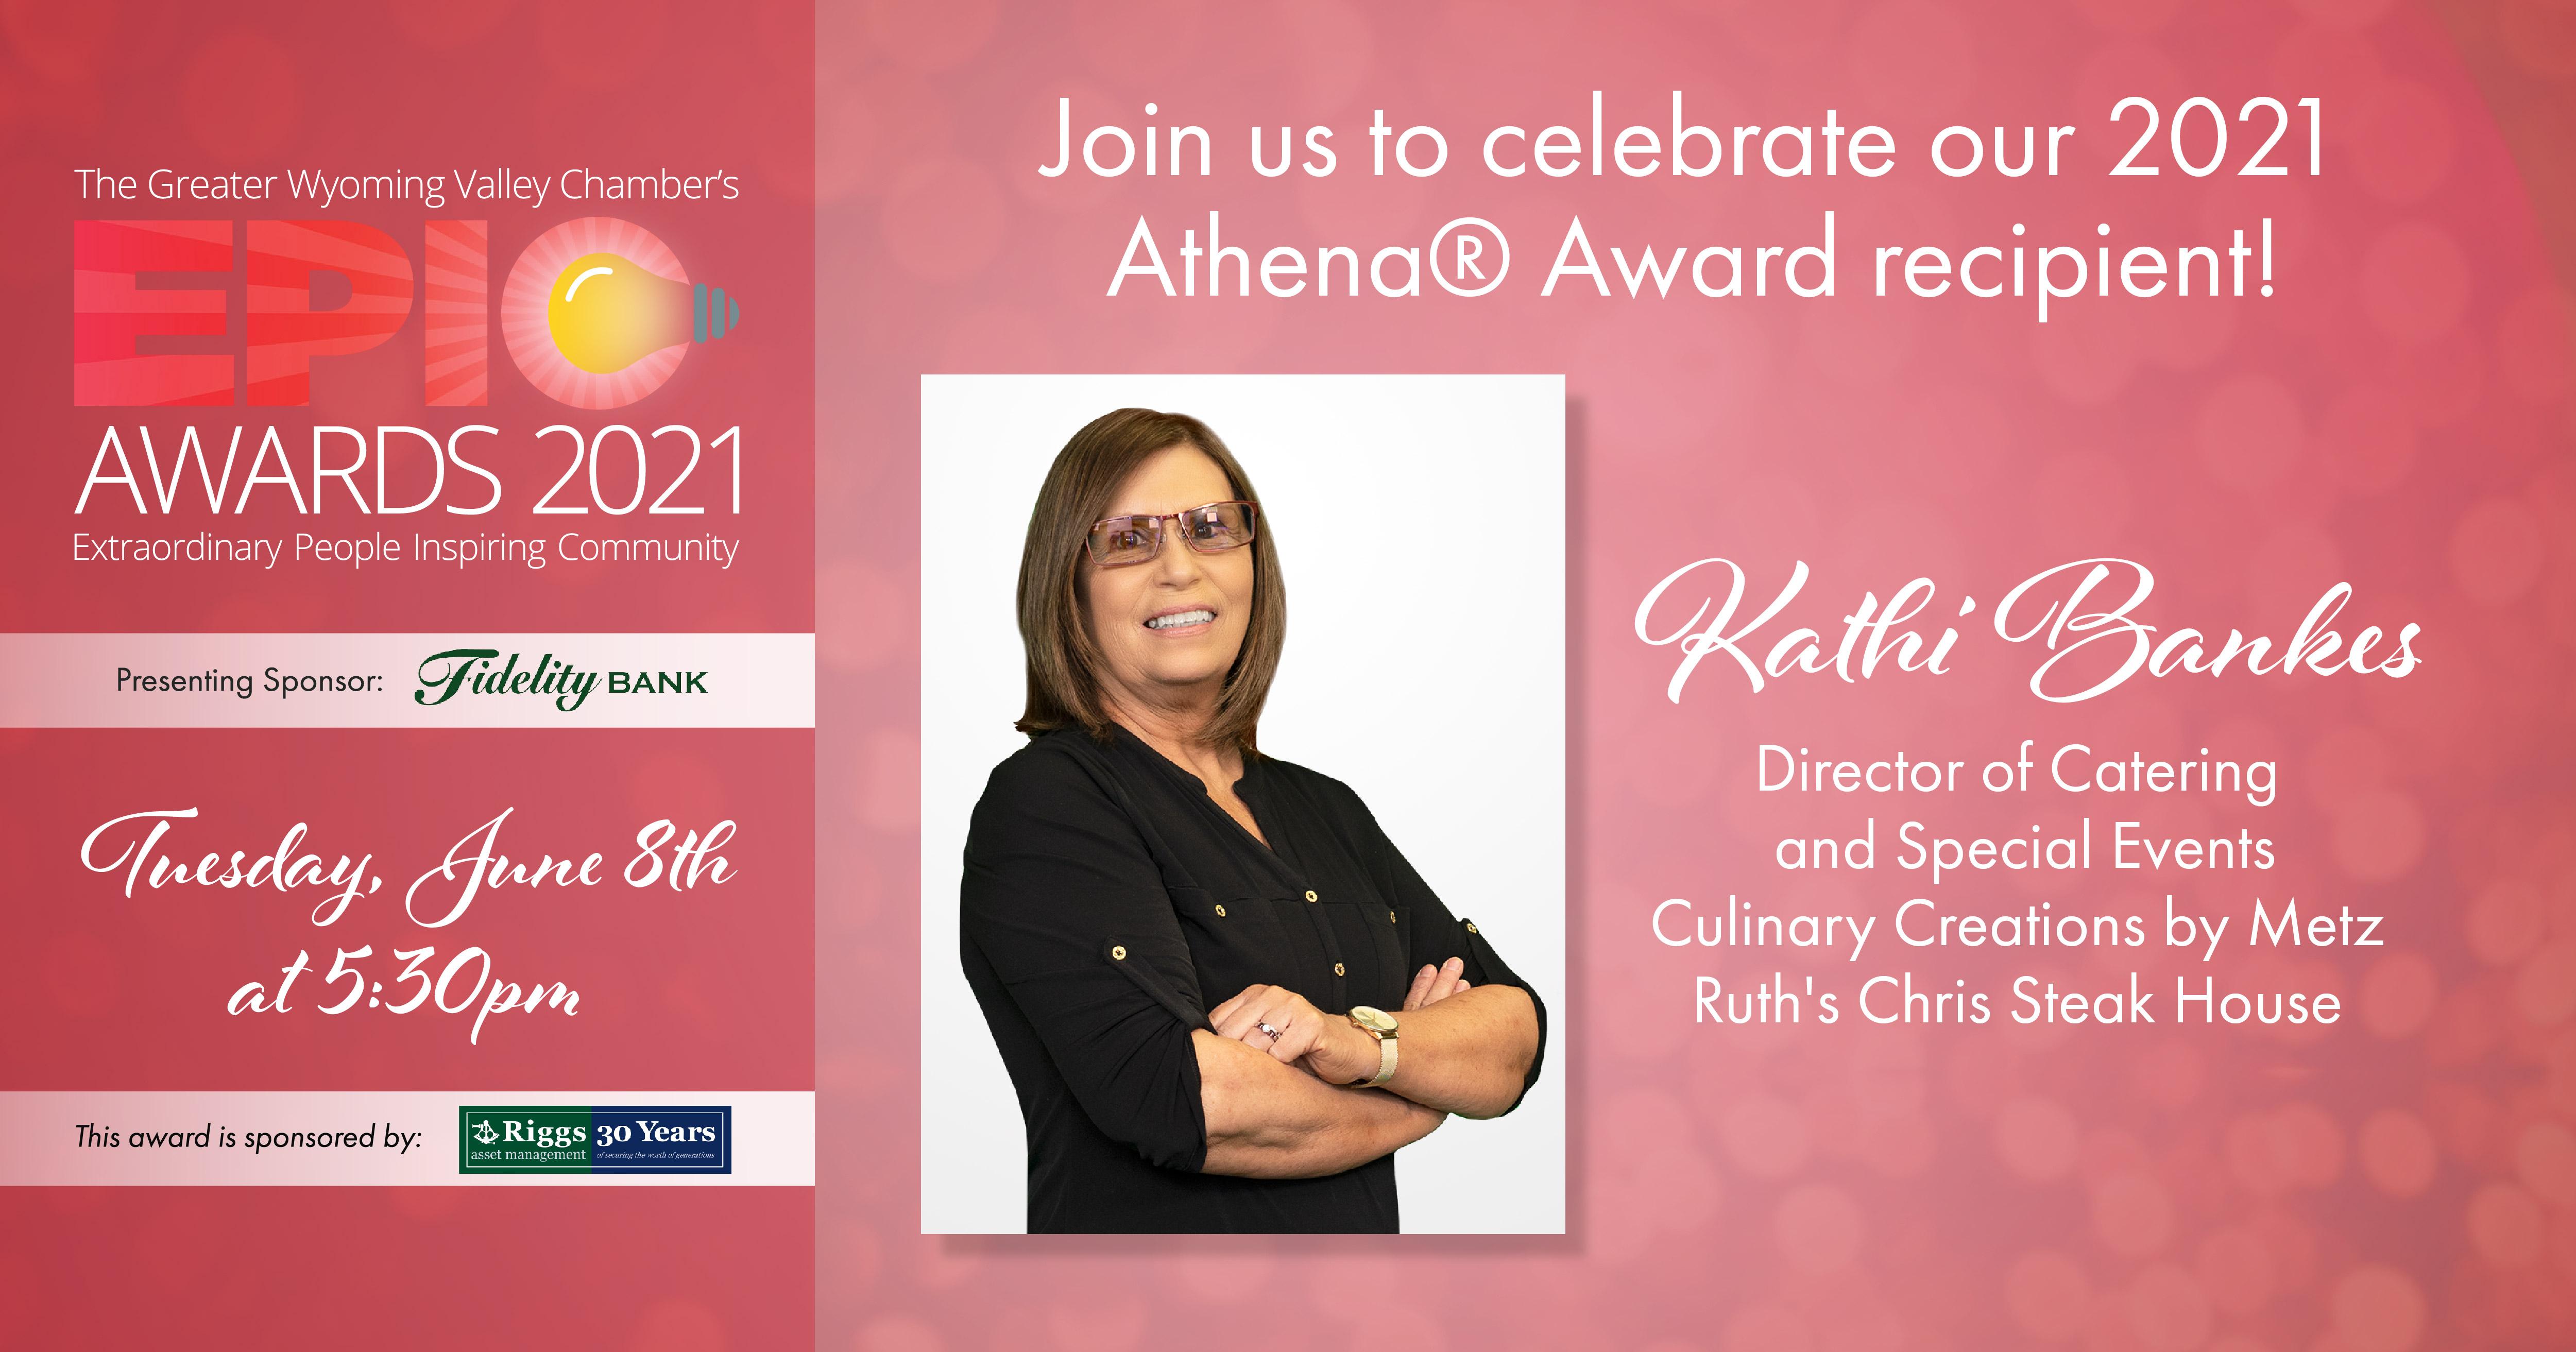 Image for Meet Our 2021 Athena® Award Recipient: Kathi Bankes!